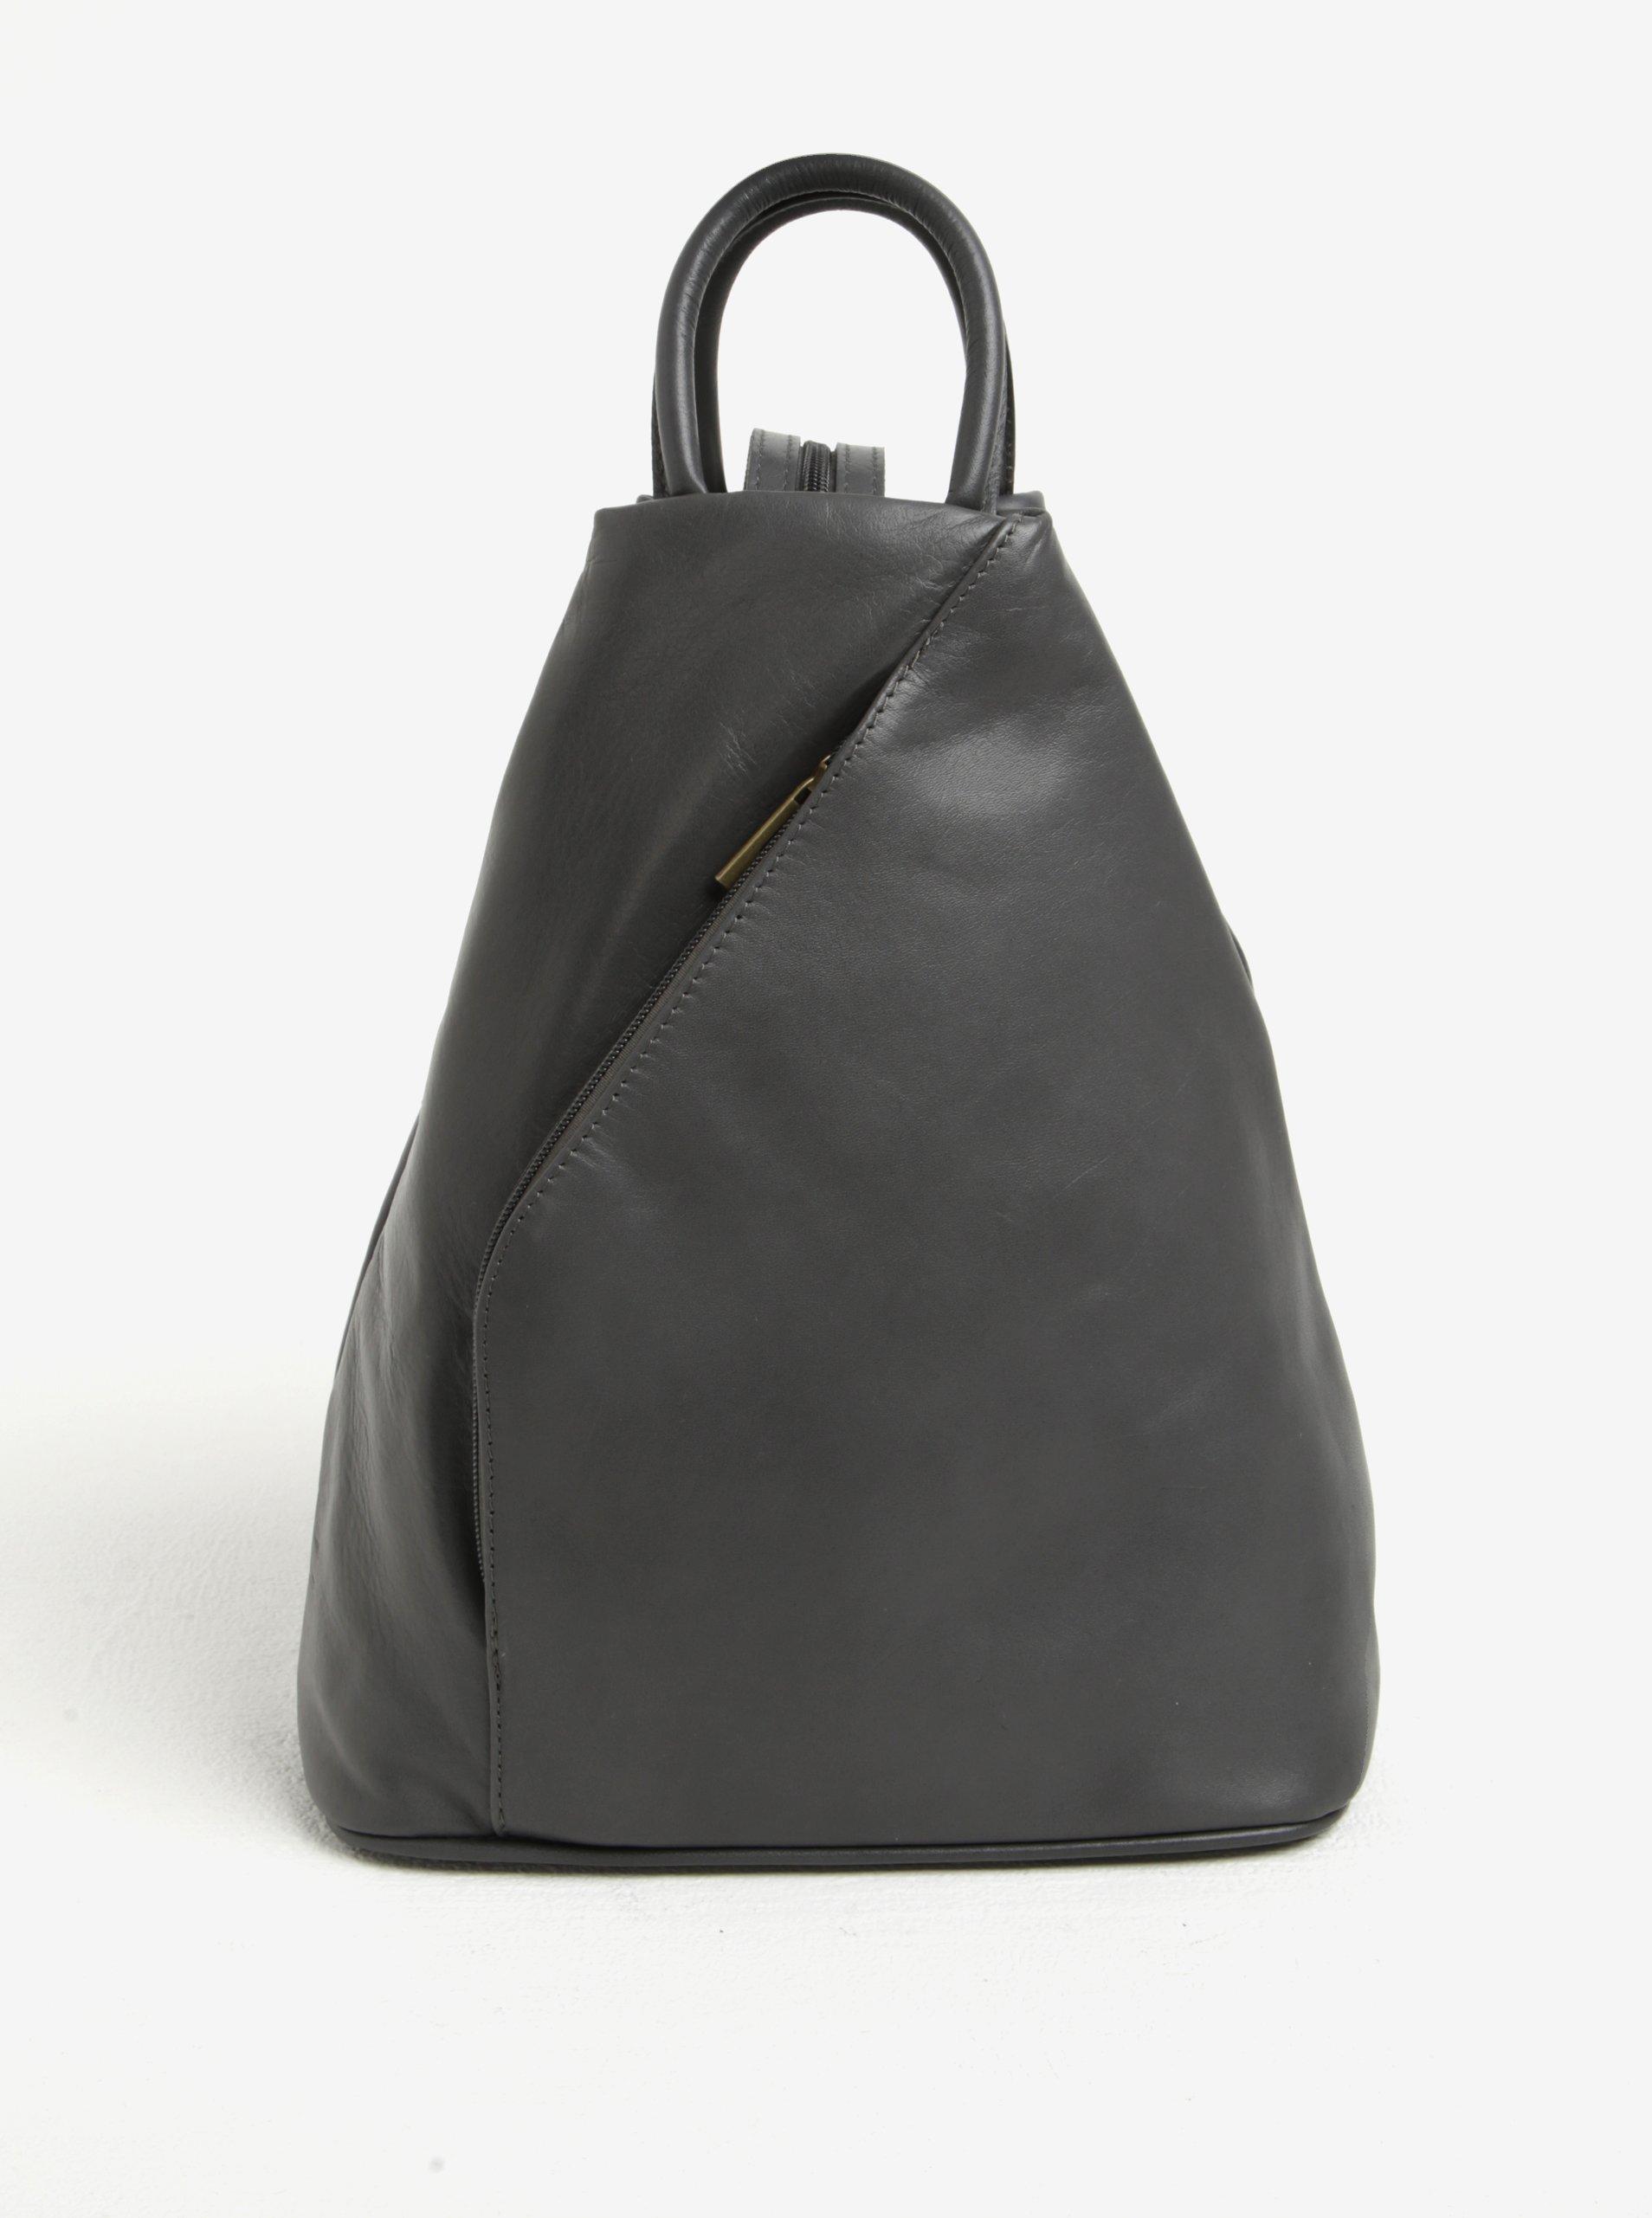 Šedý dámský kožený batoh/kabelka KARA